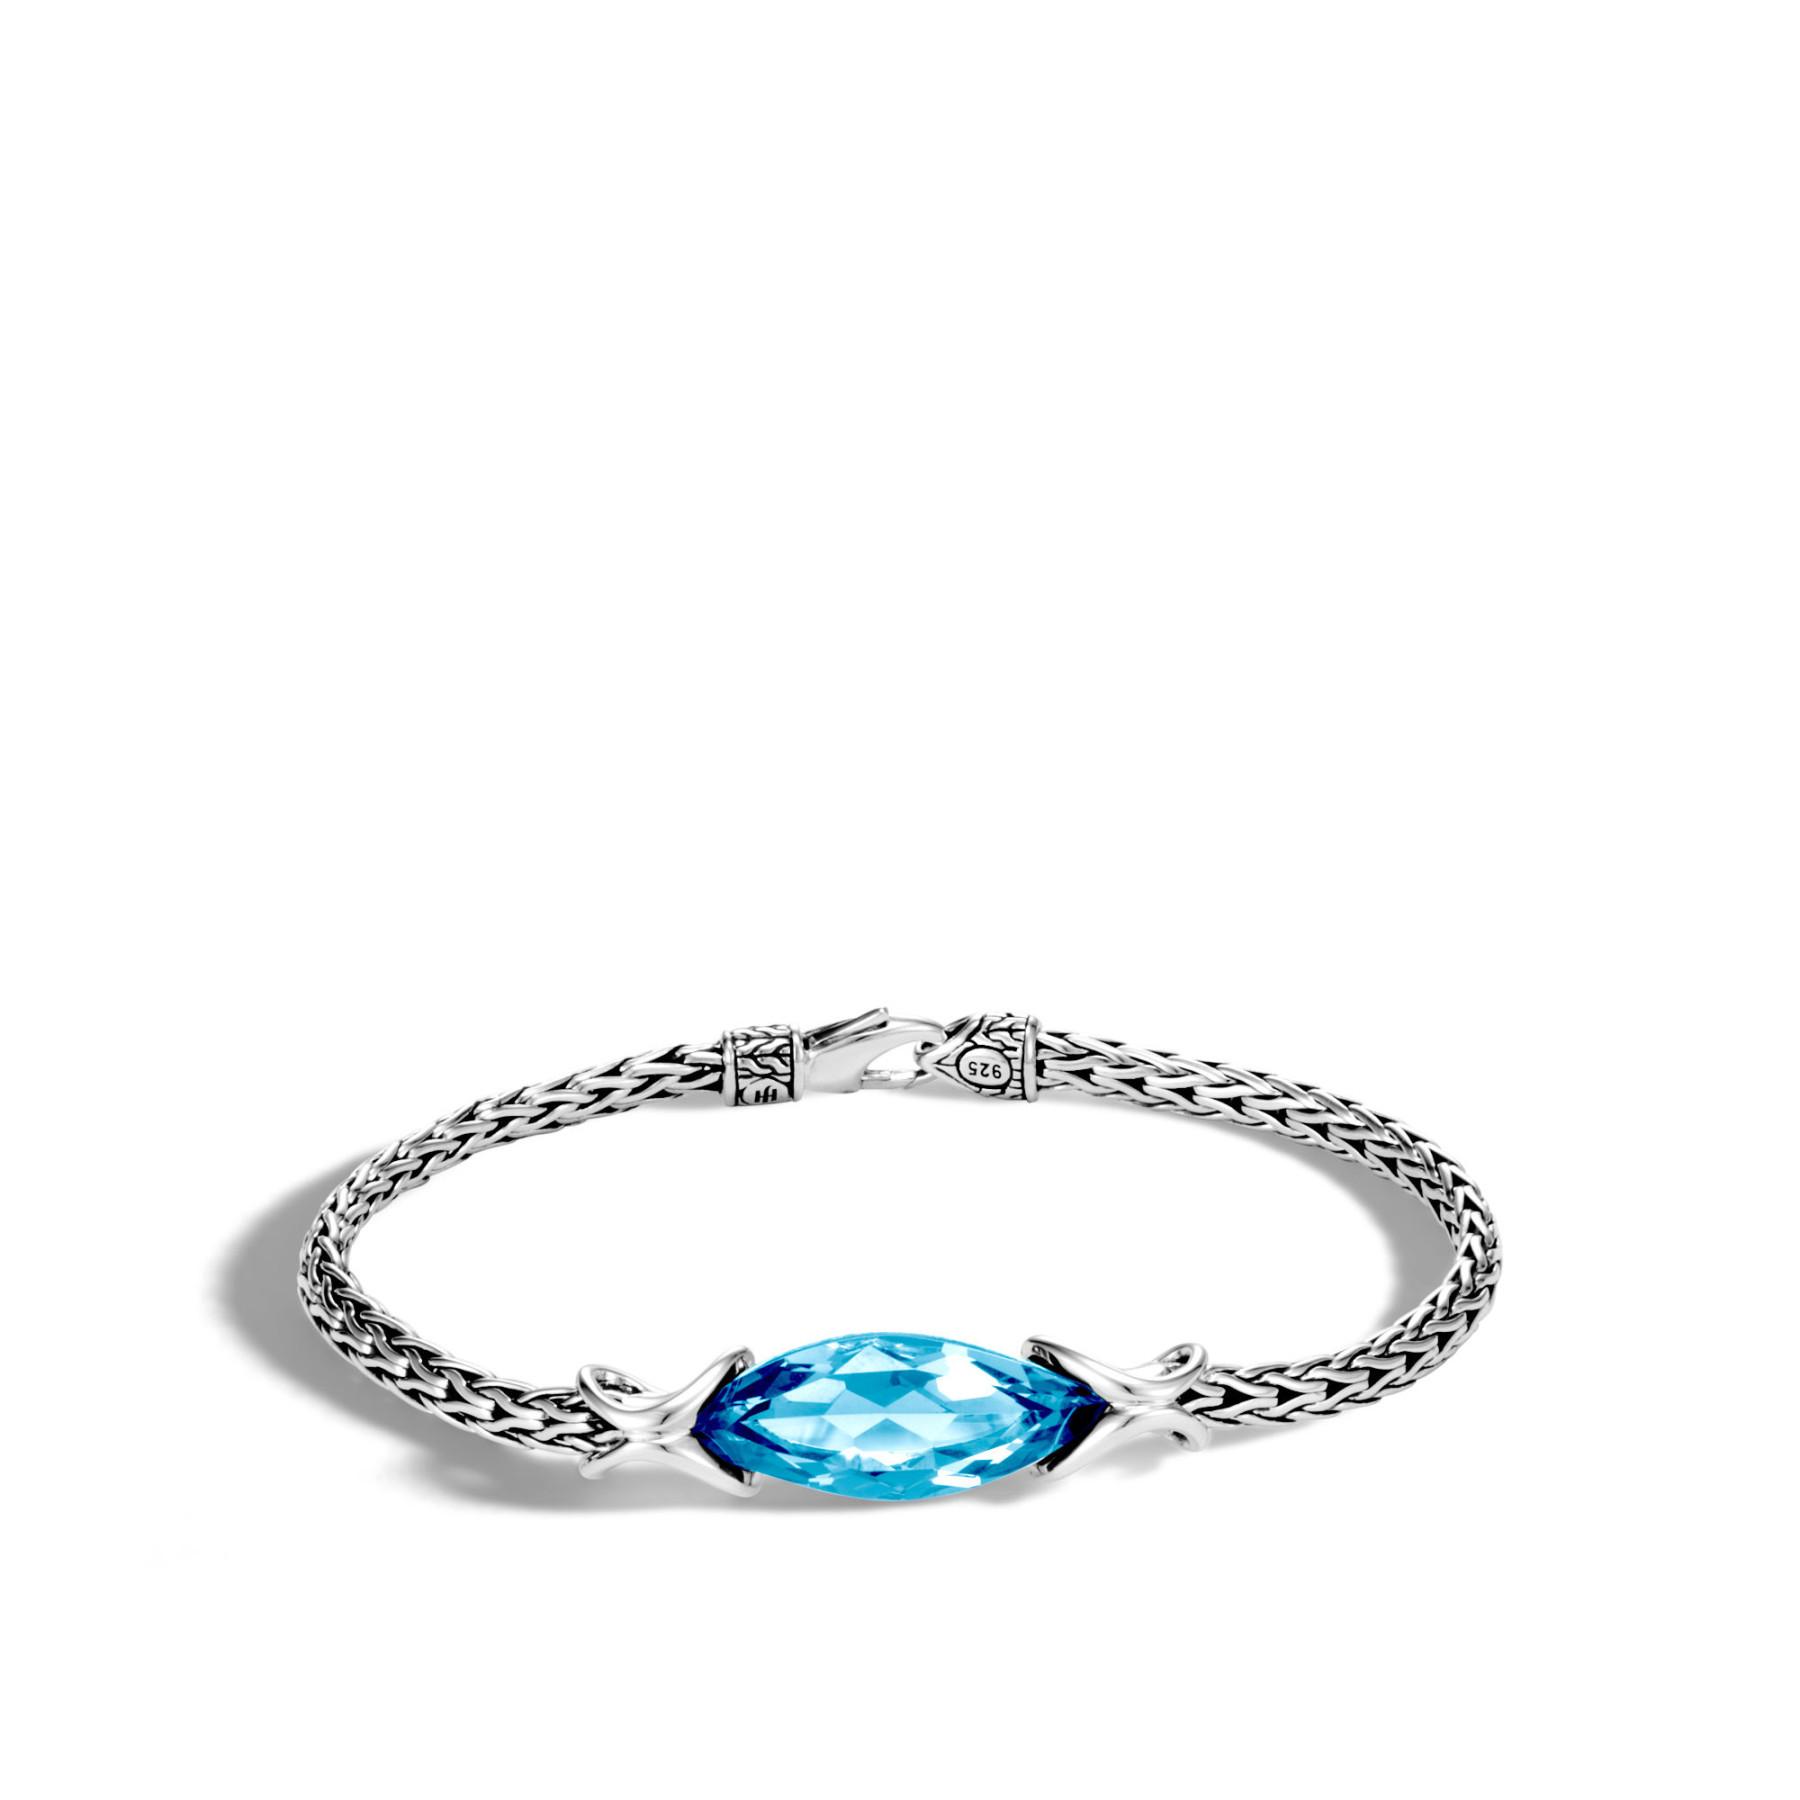 John Hardy Asli Classic Chain London Blue Topaz Bracelet in Sterling Silver